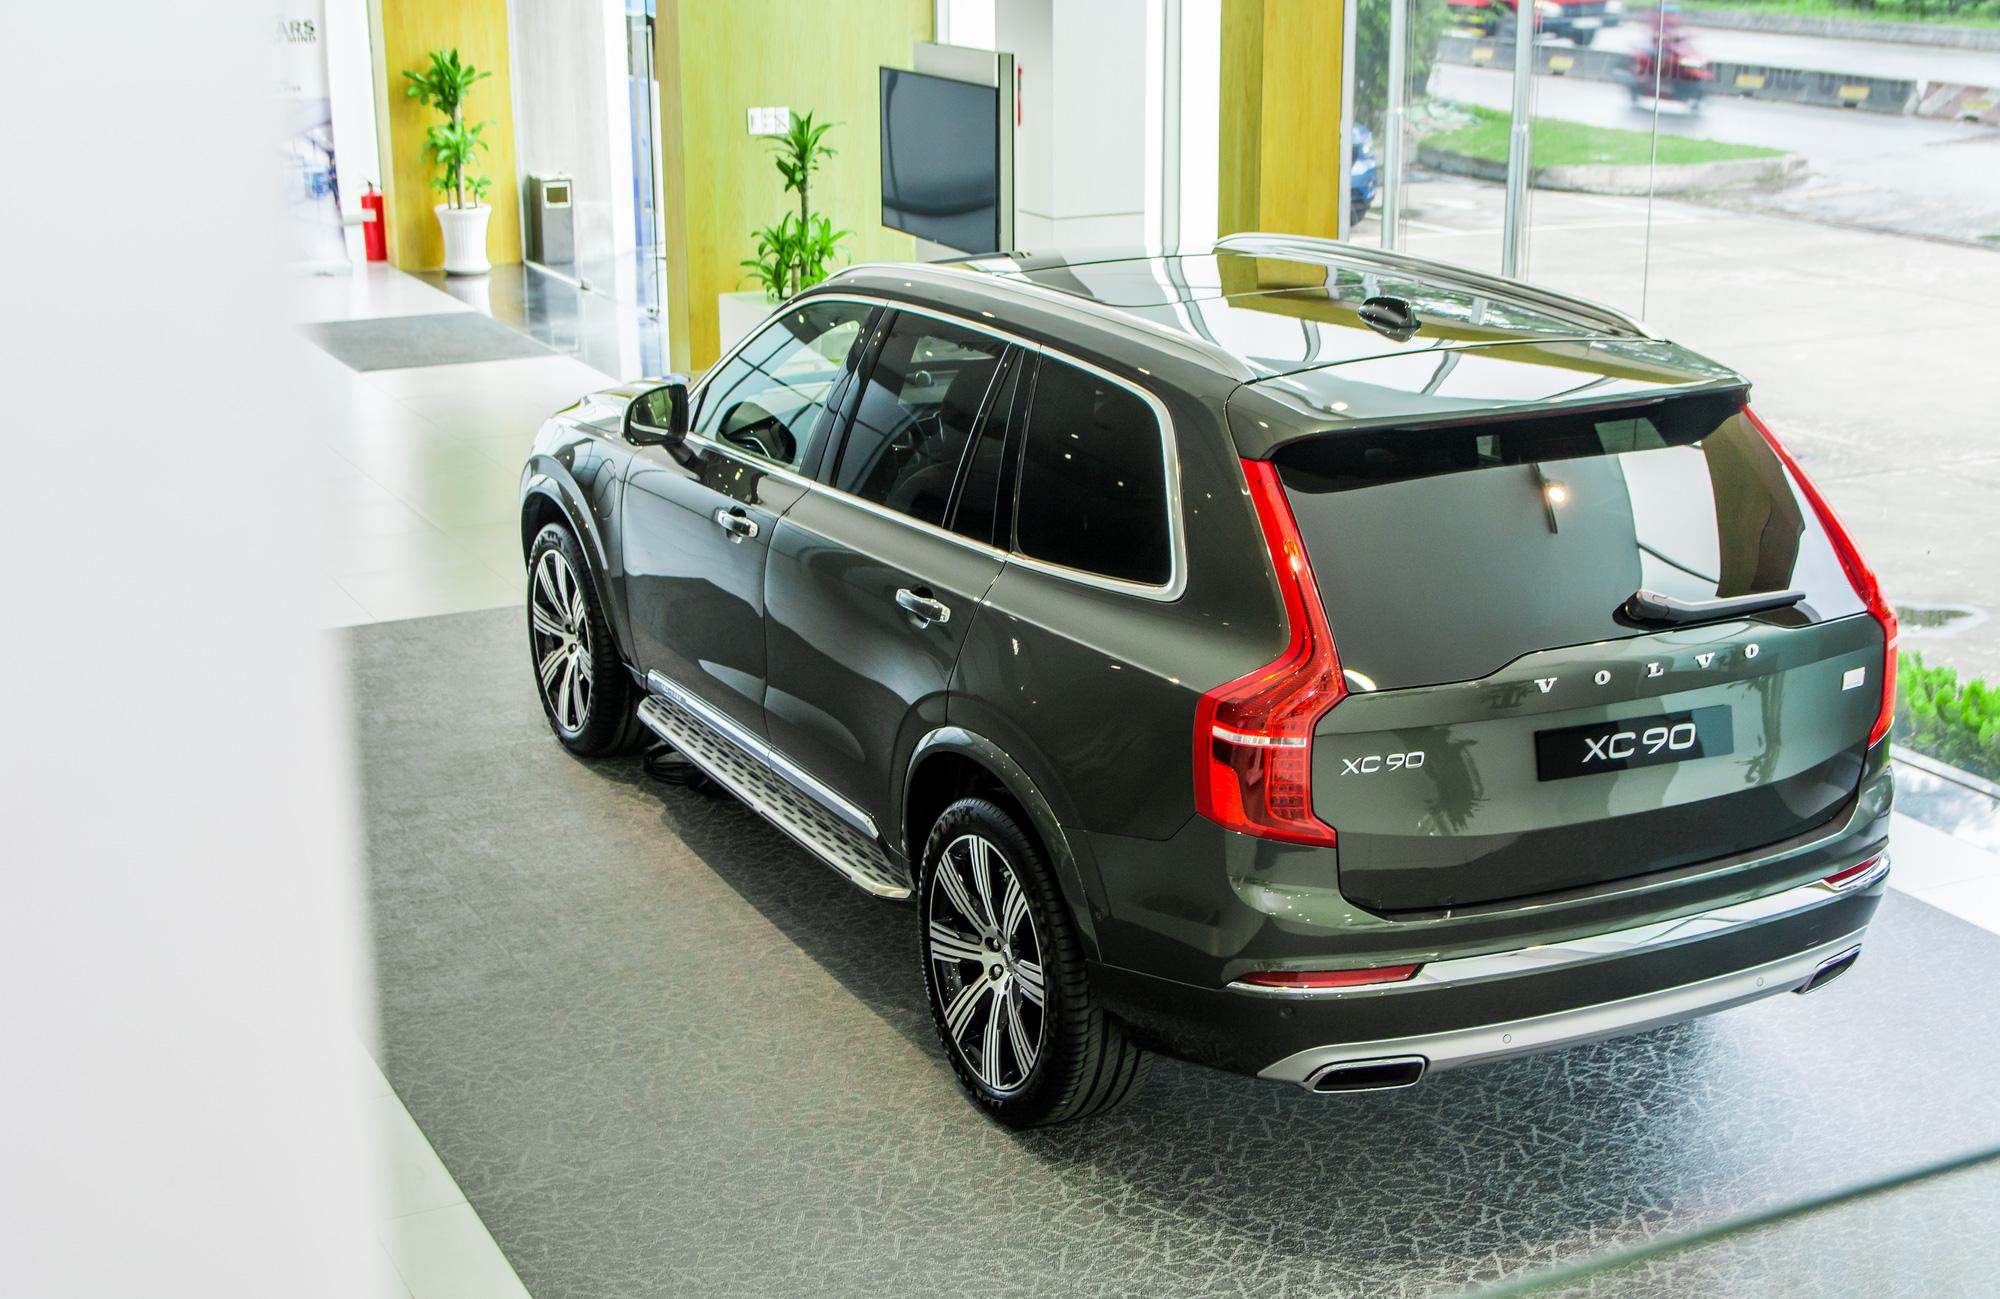 Với nâng cấp chính nằm ở động cơ, Volvo XC90 T8 2020 có giá bán lẻ là 4,599 tỷ đồng. Đối thủ của mẫu SUV này bao gồm BMW X5, Mercedes-Benz GLE hay Audi Q7. Điểm mạnh của XC90 so với các mẫu xe sang châu Âu khác là động cơ plug-in hybrid và hàng loạt công nghệ an toàn tối tân.